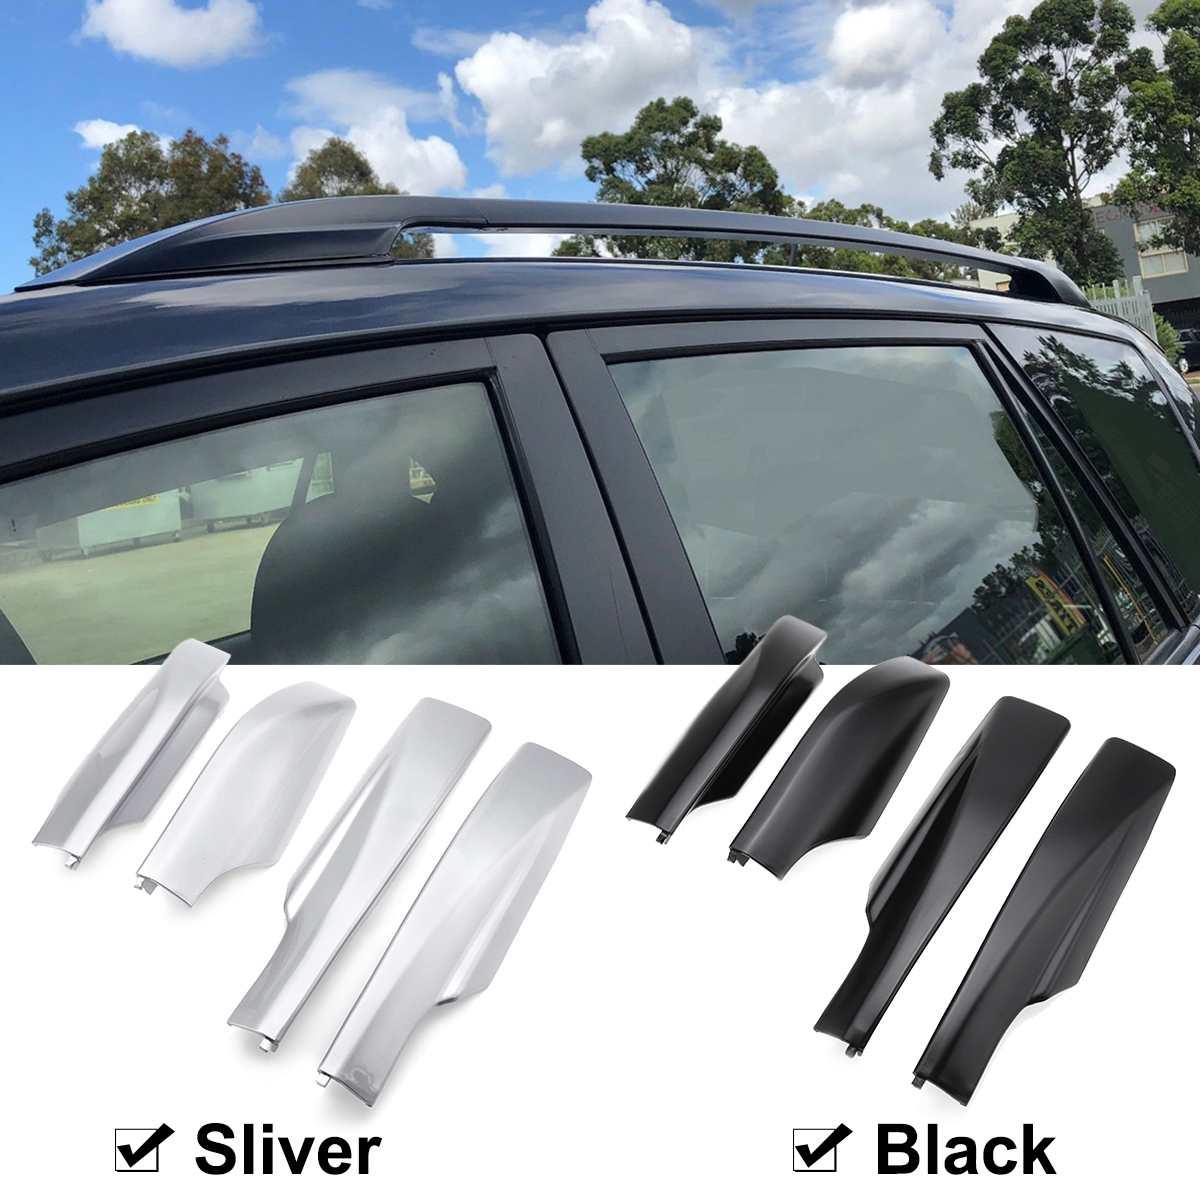 4 adet Siyah Gümüş ABS portbagaj Kapak Ray Ucu Koruyucu Kapak Kabuk Için TOYOTA RAV4 2007 2008 2009 2010 2011 2012